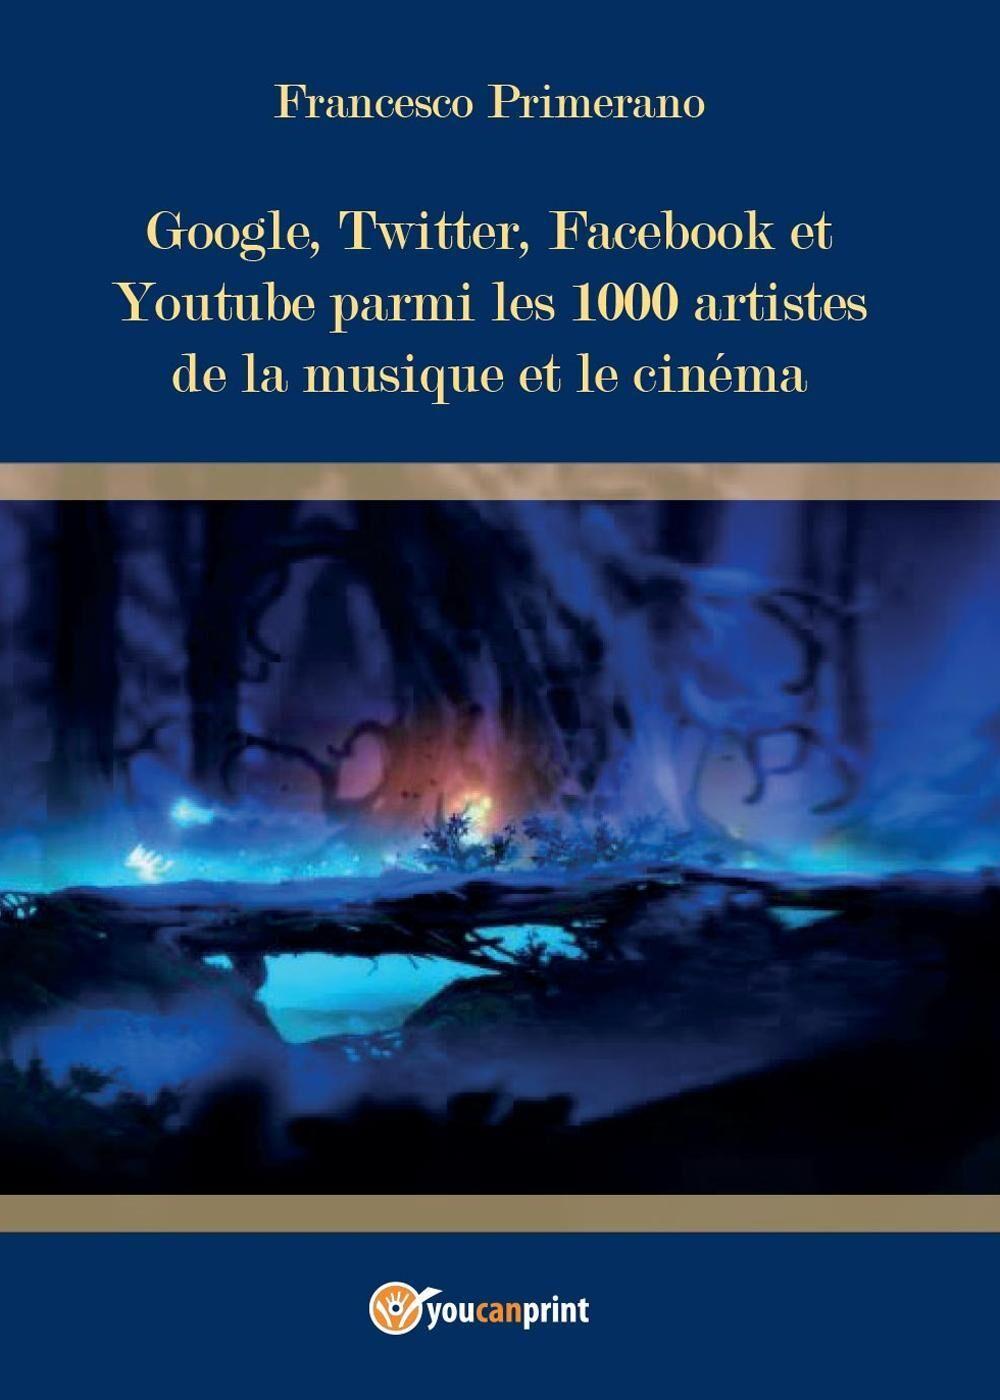 Google, Twitter, Facebook et Youtube parmi les 1000 artistes de la musique et le cinéma